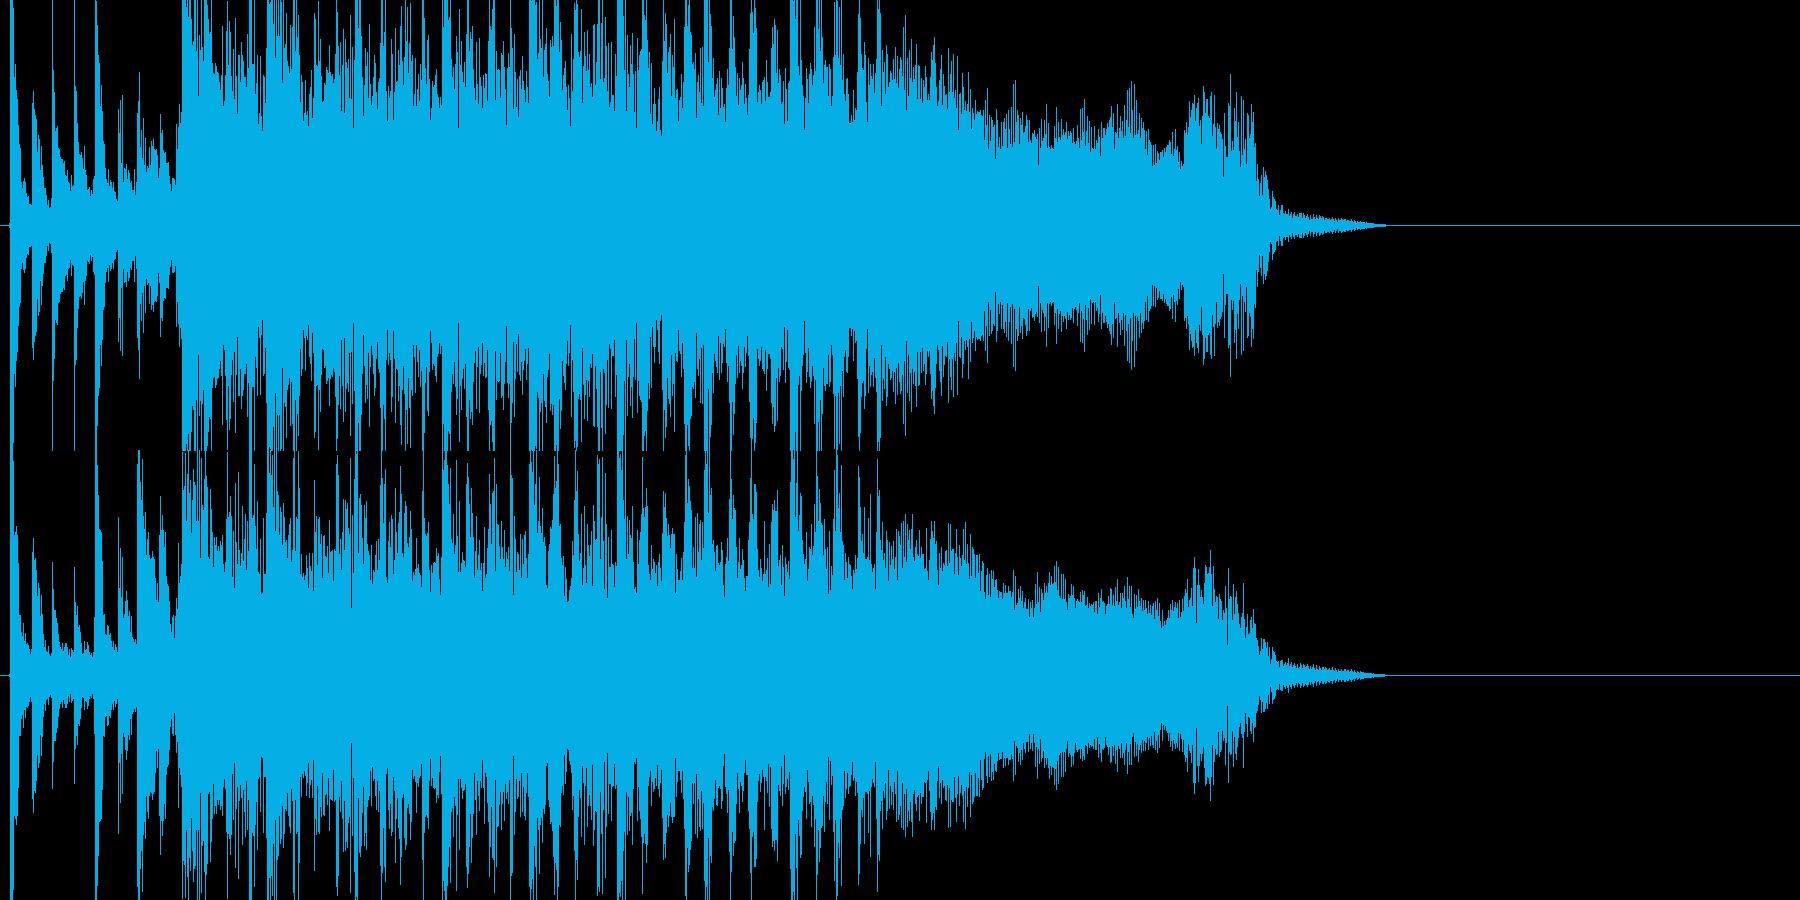 がむしゃらに頑張るパワフルロックジングルの再生済みの波形